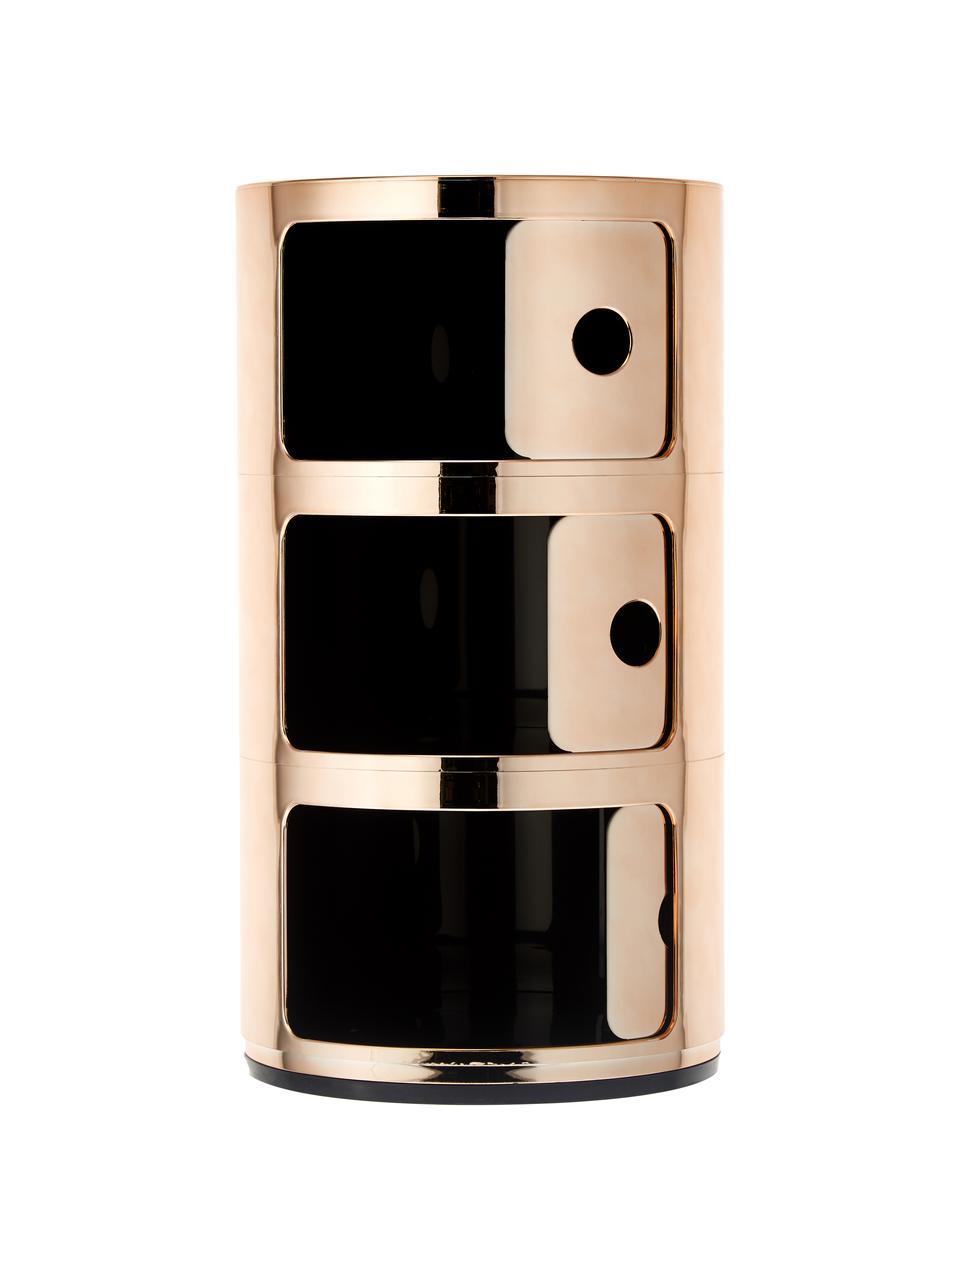 Design Container Componibili 3 Modules, Kunststoff (ABS), lackiert, Kupferfarben, glänzend, Ø 32 x H 59 cm